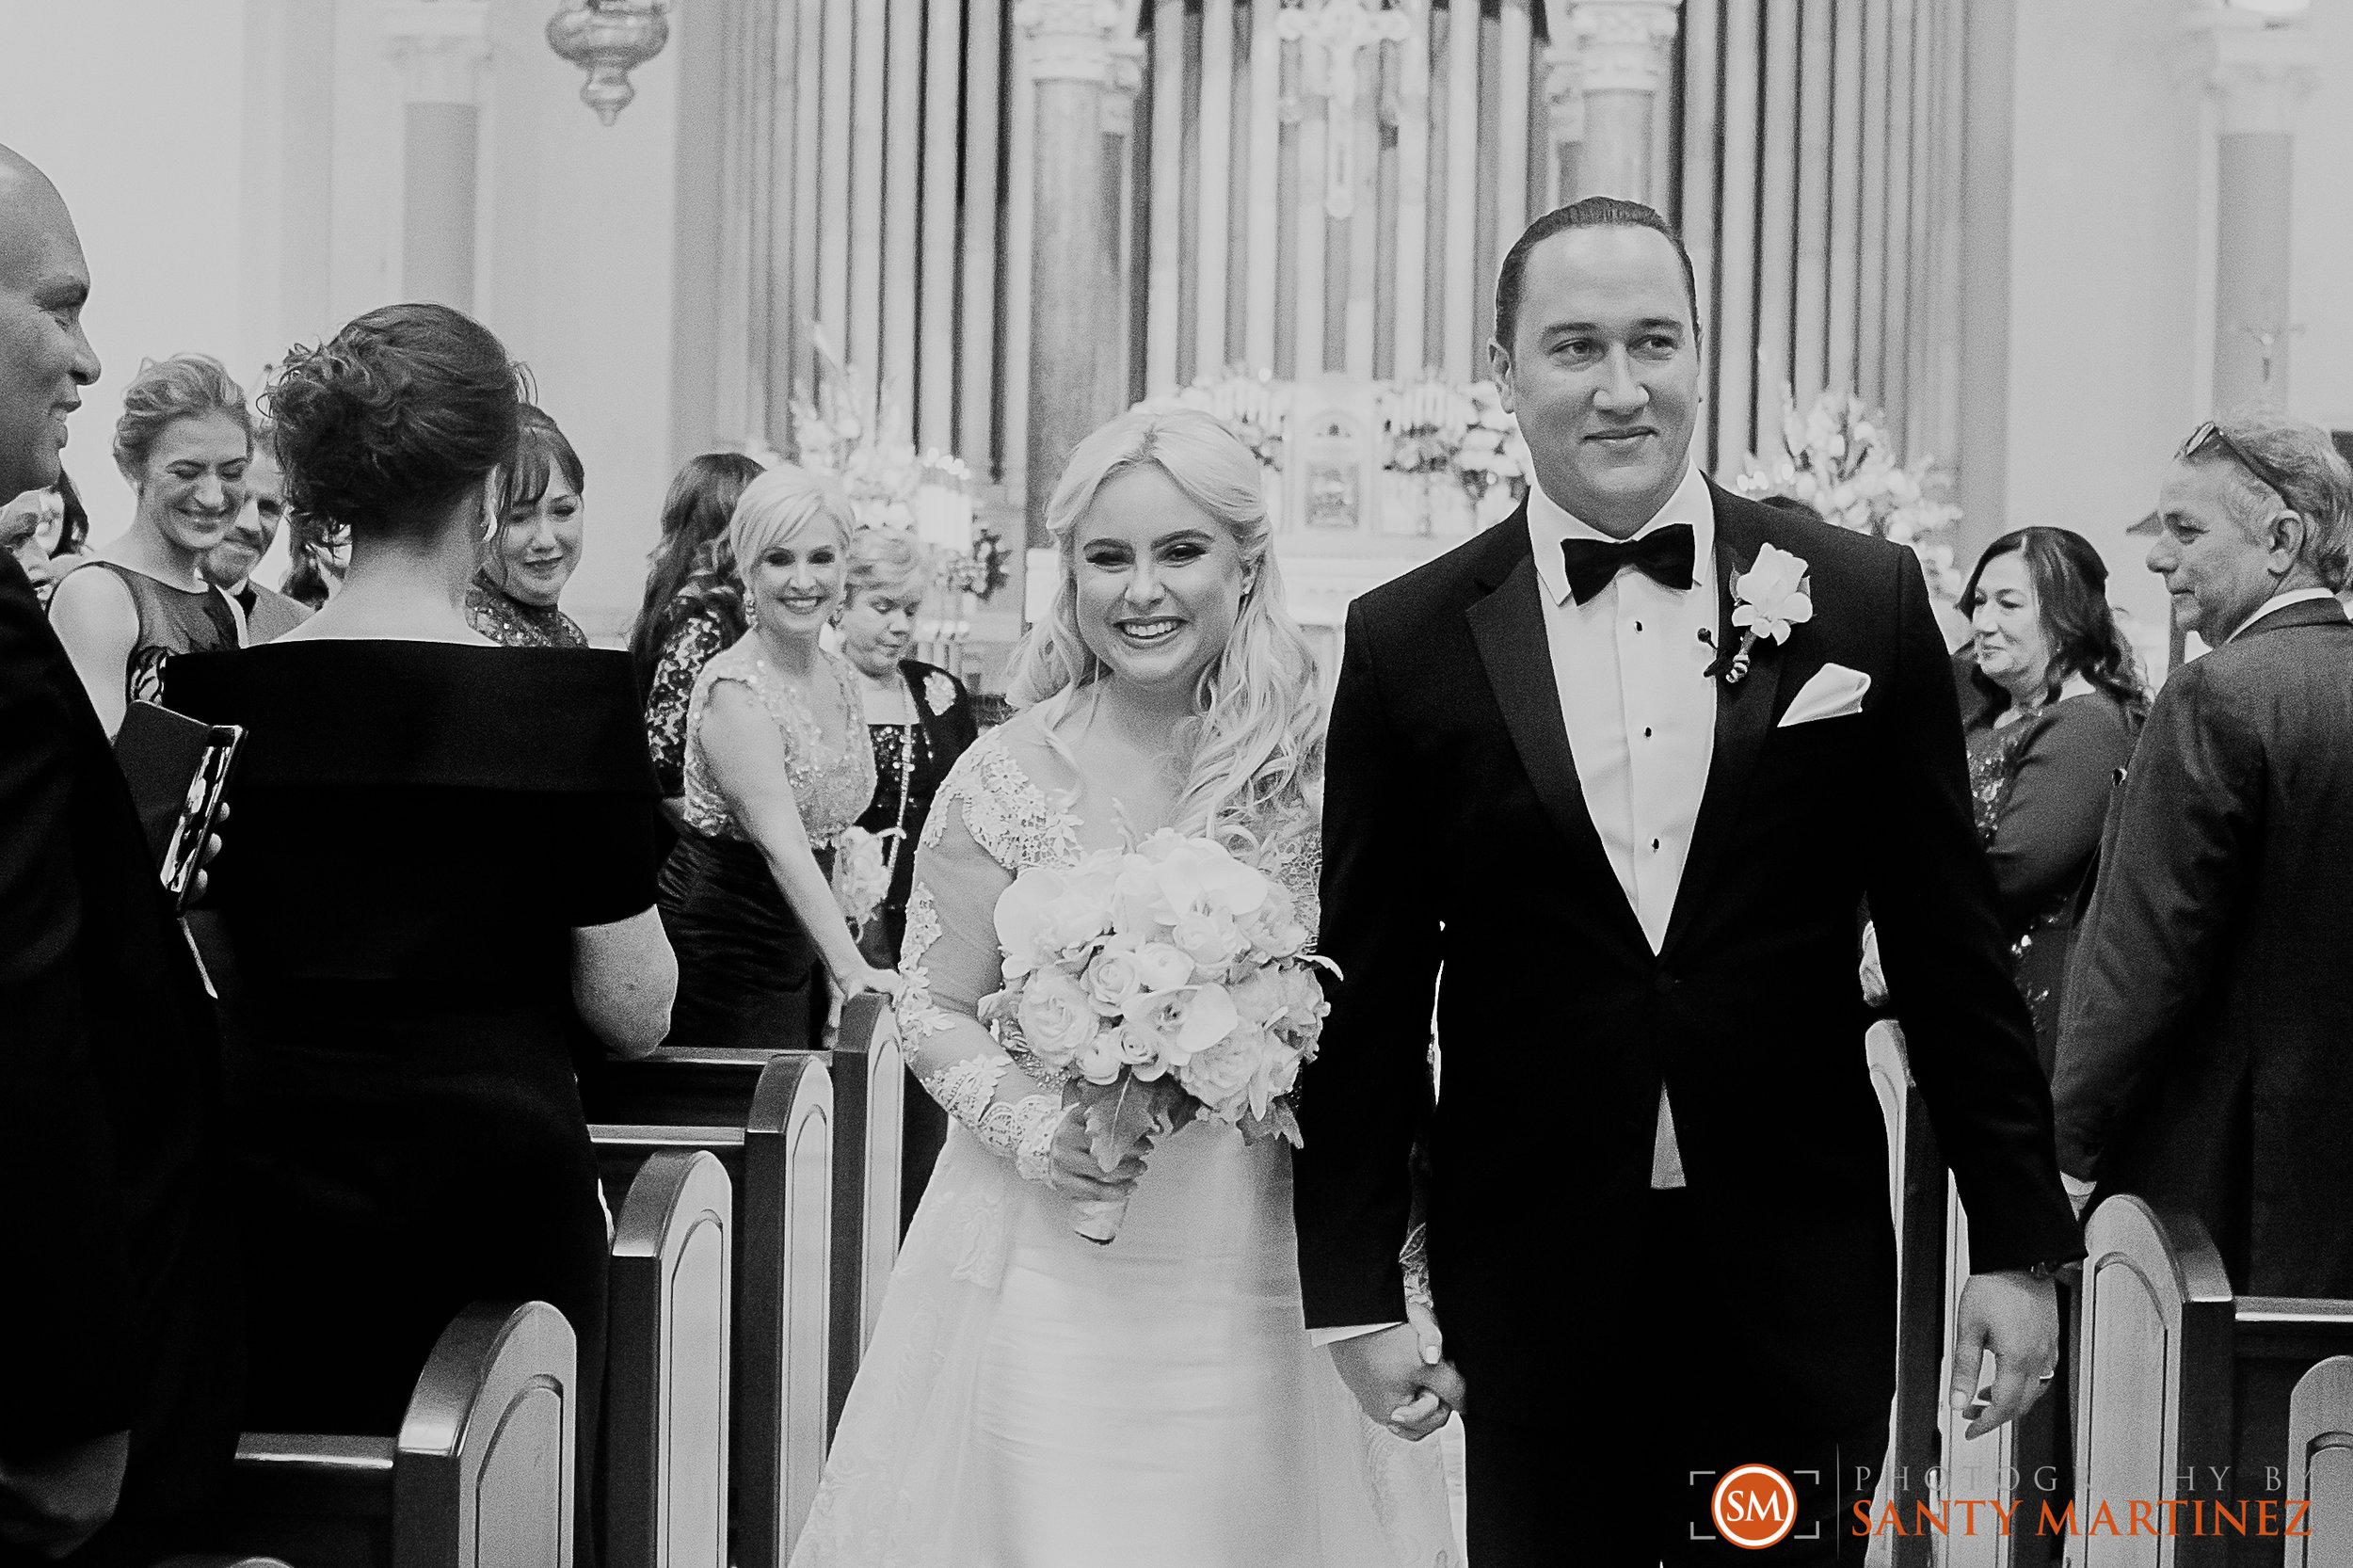 Wedding - W Hotel - St Patrick Miami Beach - Santy Martinez Photography-26.jpg